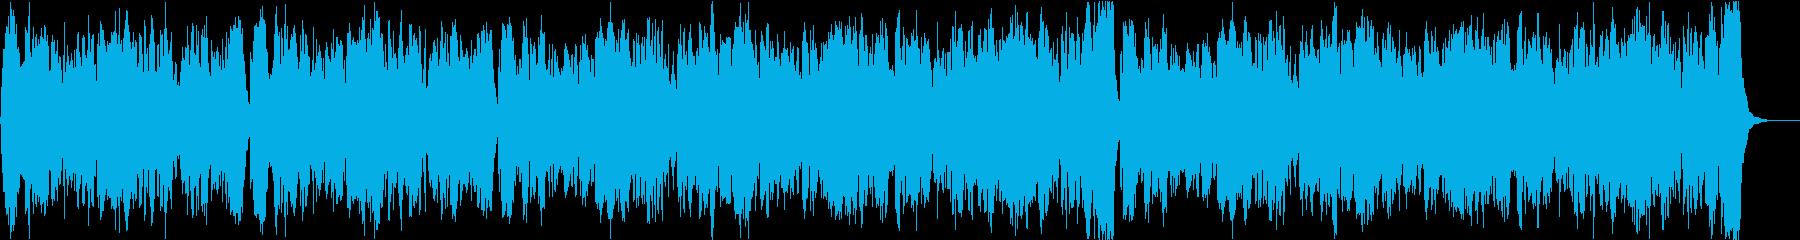 バッハの曲のクラシックアレンジの再生済みの波形